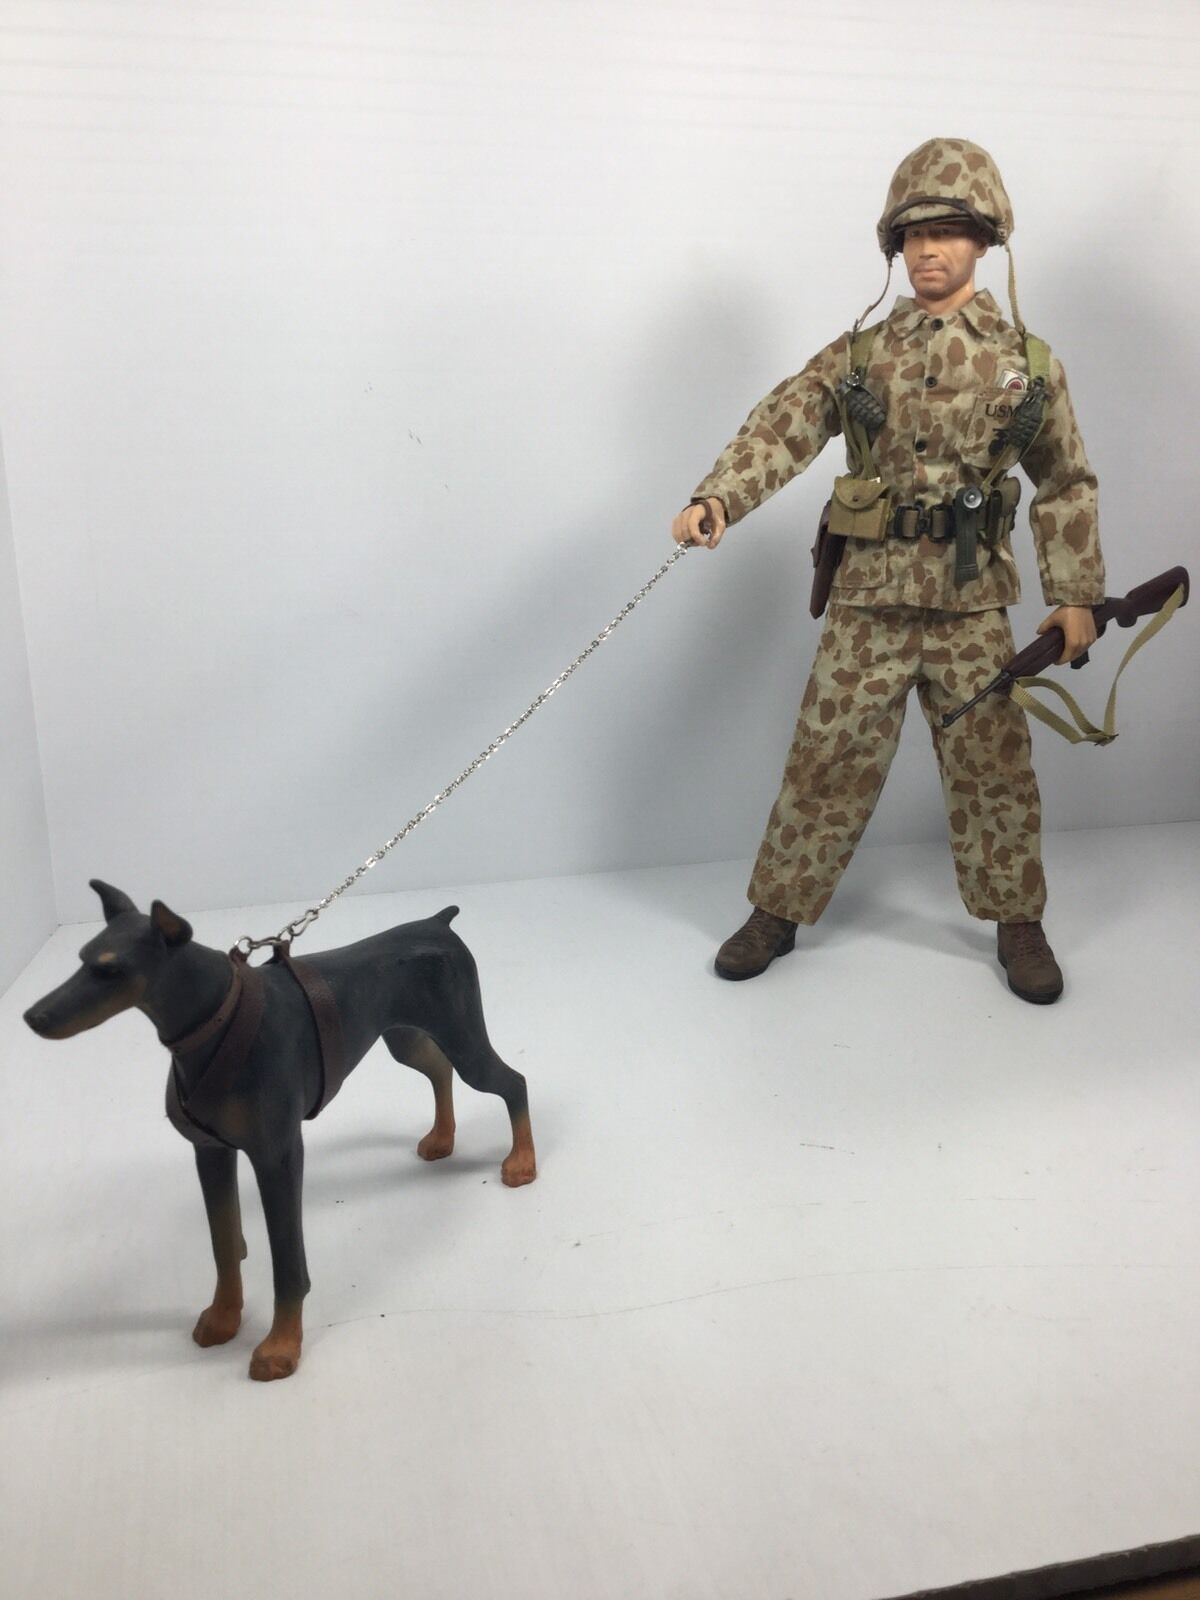 1   6 - k - 9 (der hund team bunker   höhle clearing doberman cats bbi haben